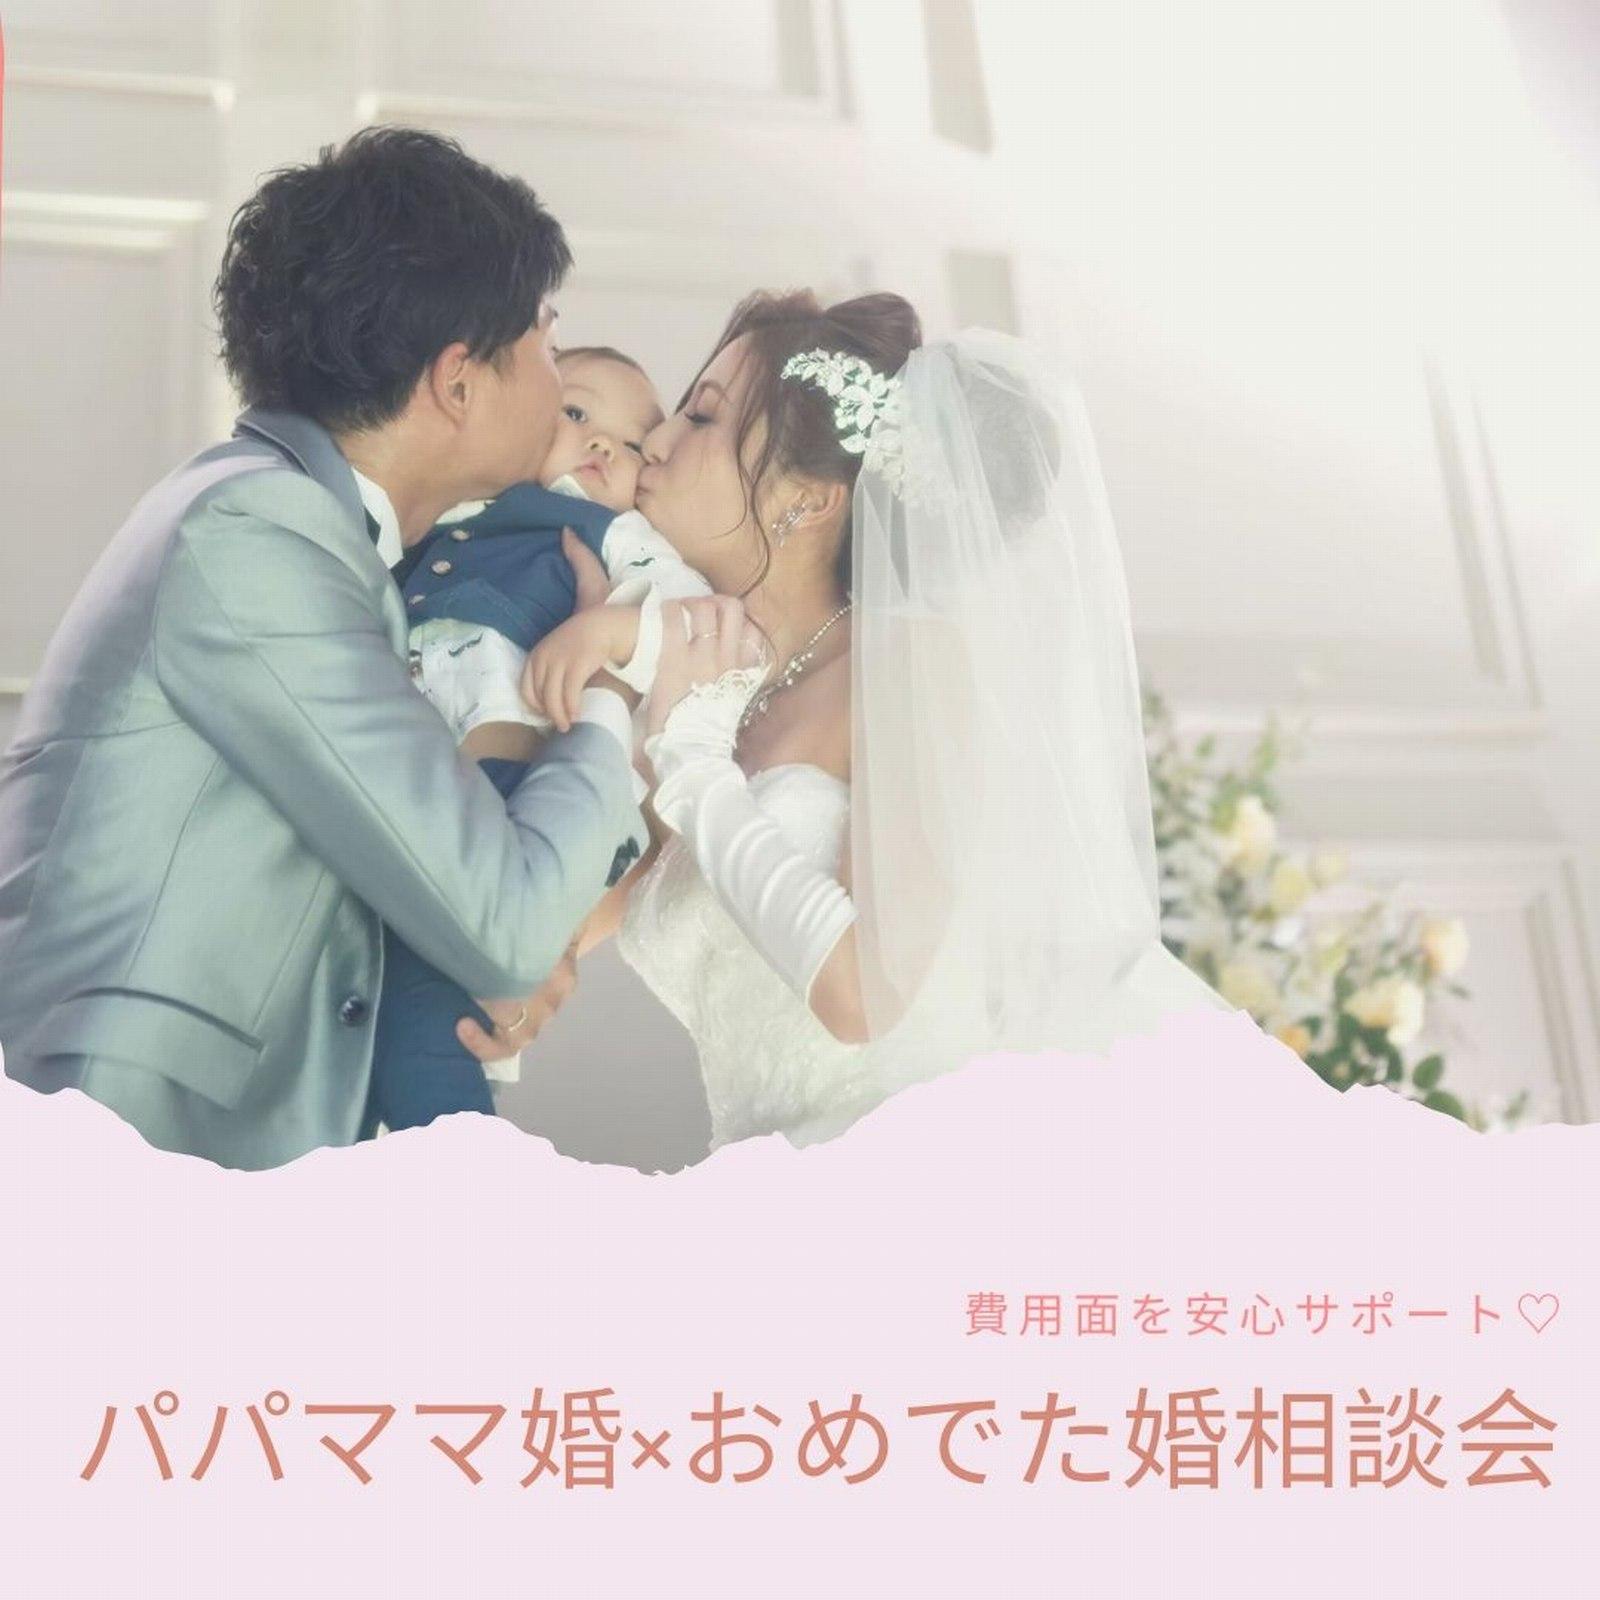 香川県の結婚式場シェルエメール&アイスタイル フェア画像